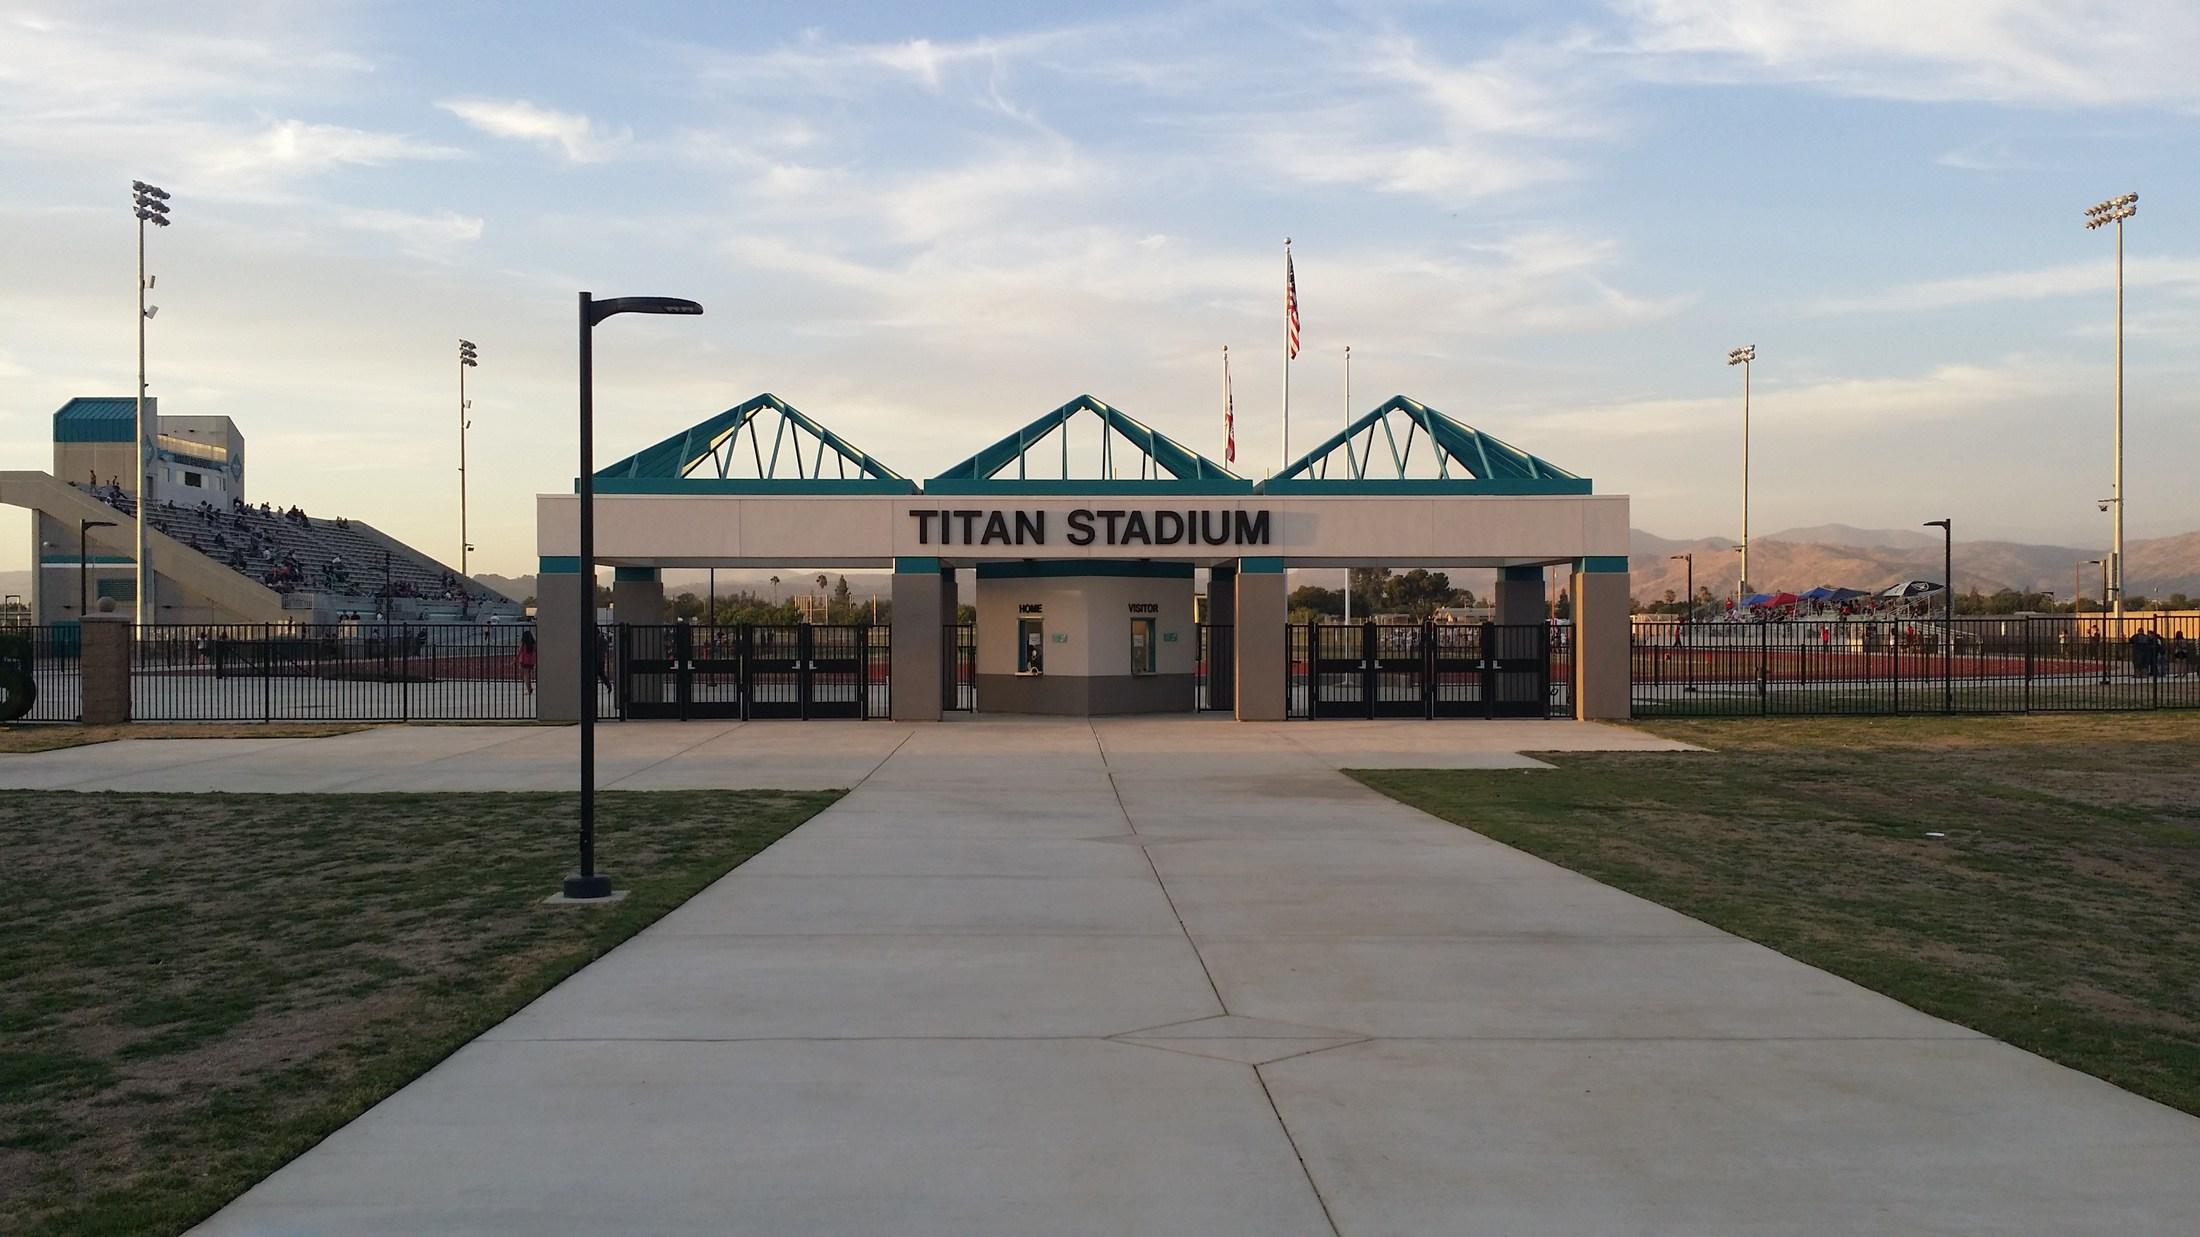 Picture of Titan Stadium